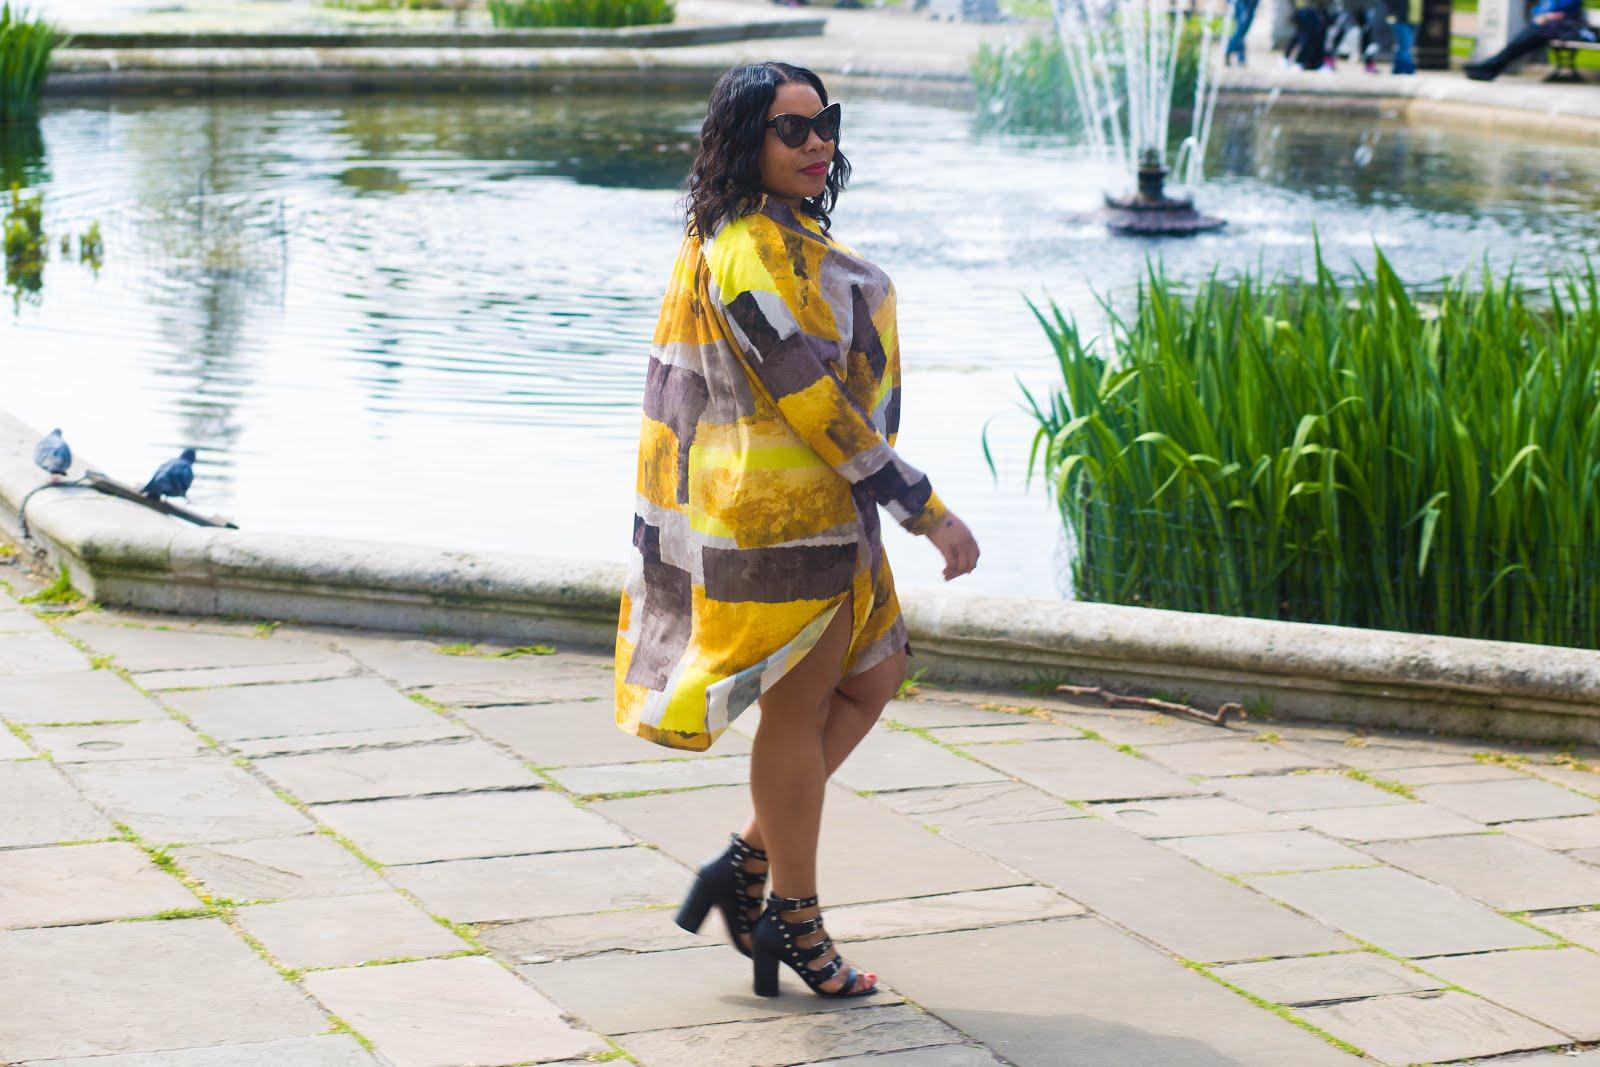 #OOTD Prints Charming – .@navabifashion Easy Breezy Shirt Dress